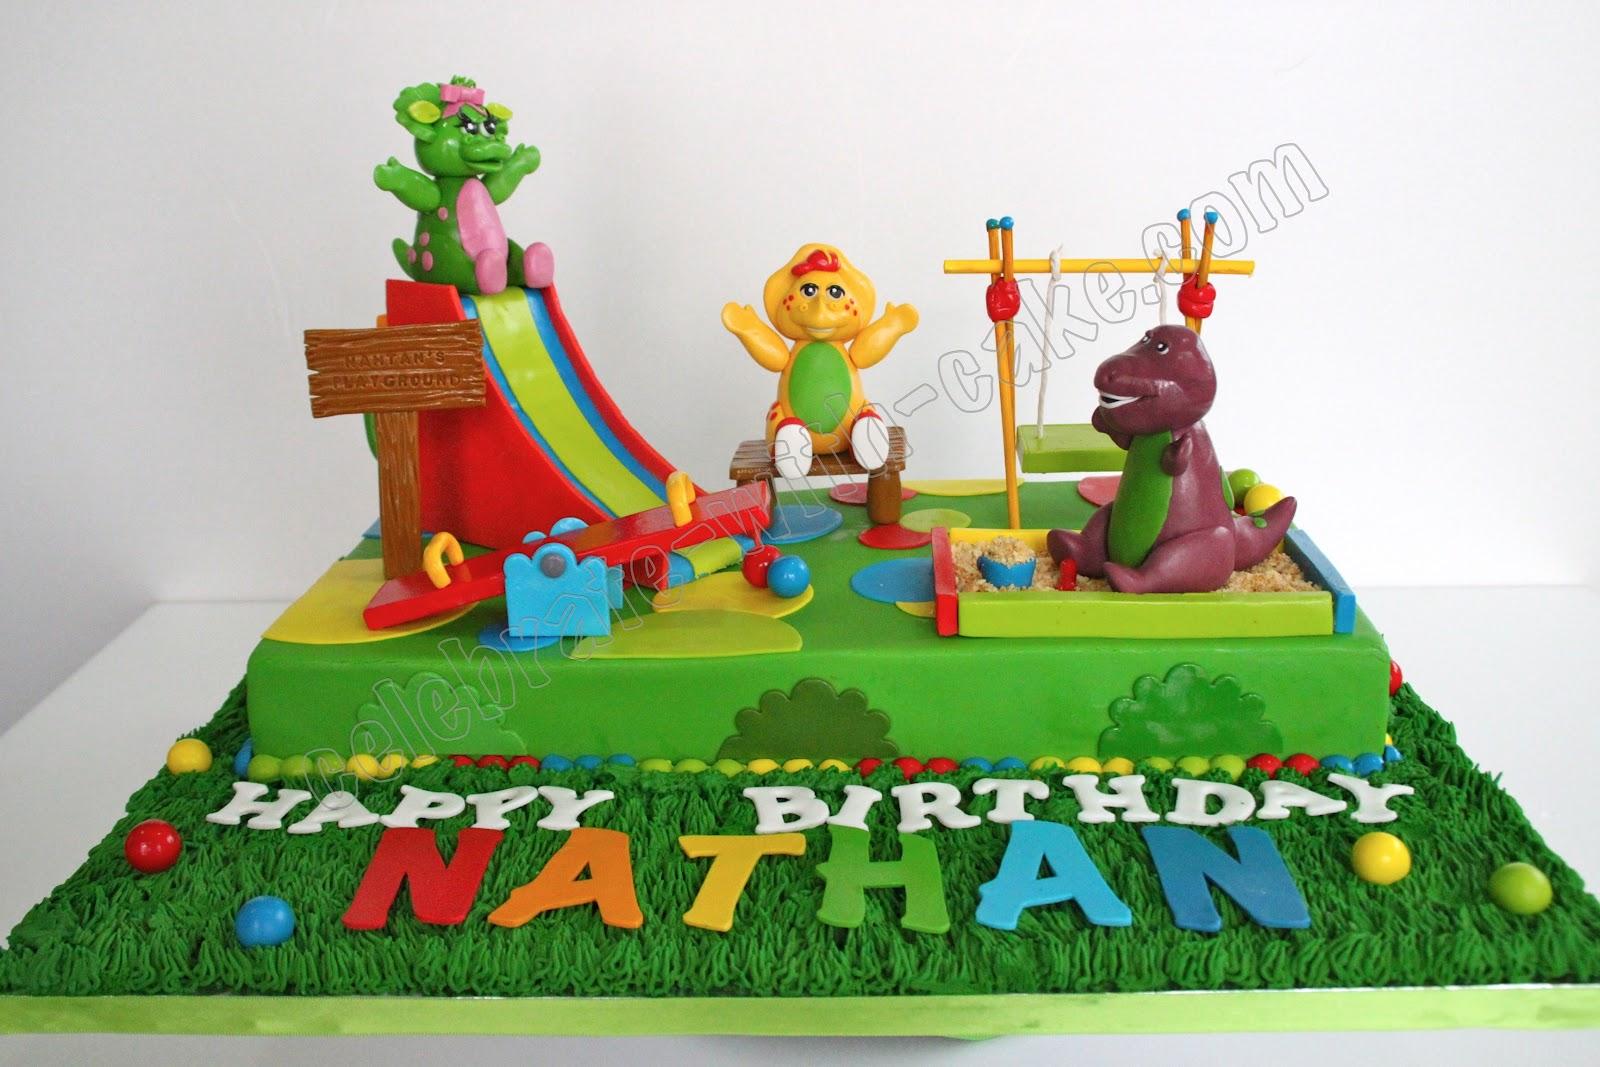 Barney Birthday Cakes Singapore